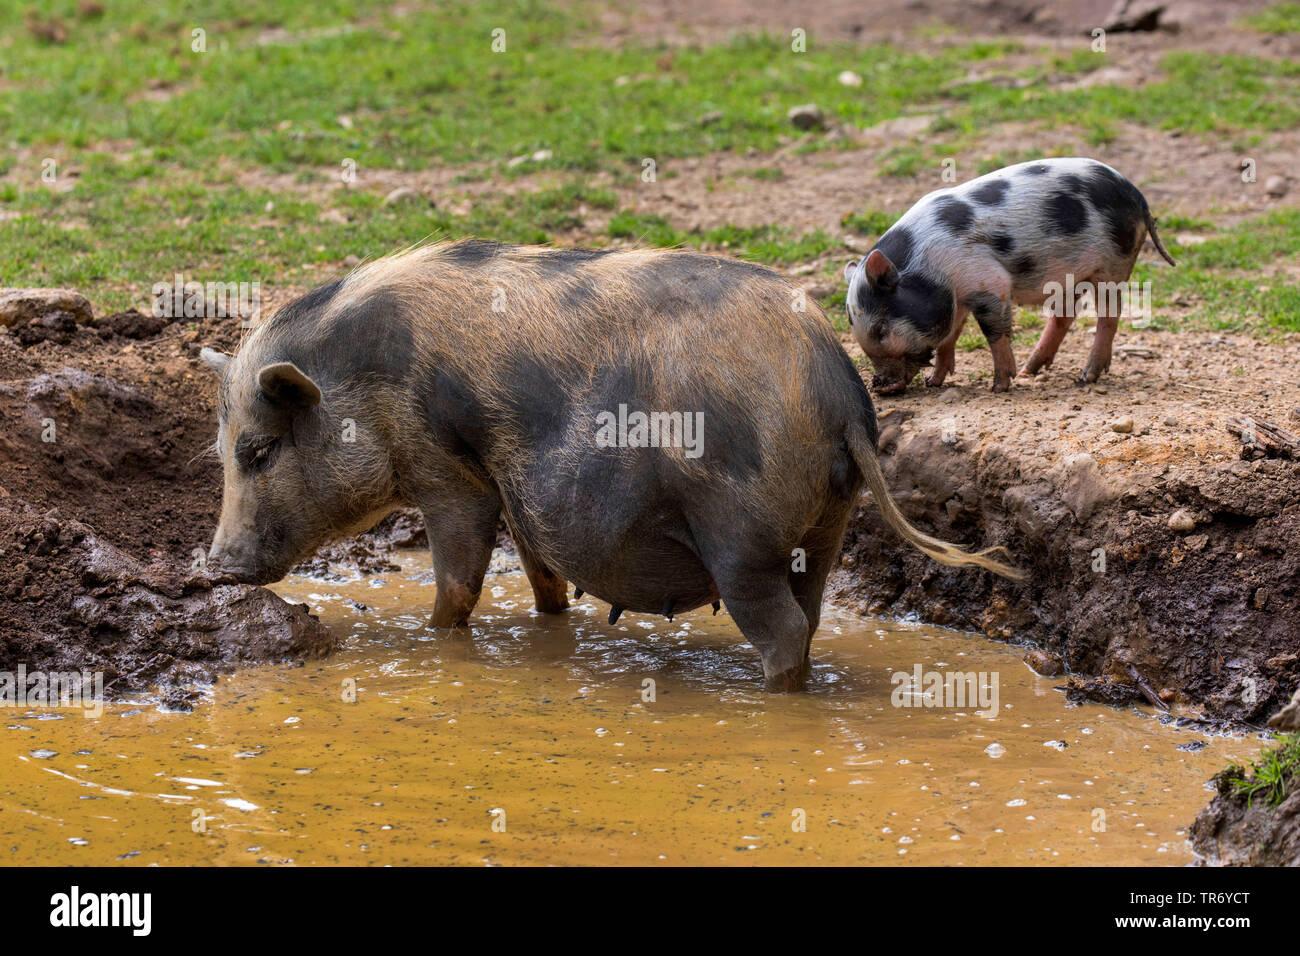 Vietnamesisches Haengebauchschwein, Ostasiatisches Haengebauchschwein (Sus scrofa f. domestica), Sau mit Ferkel in der Suhle    Vietnamese pot-bellied - Stock Image